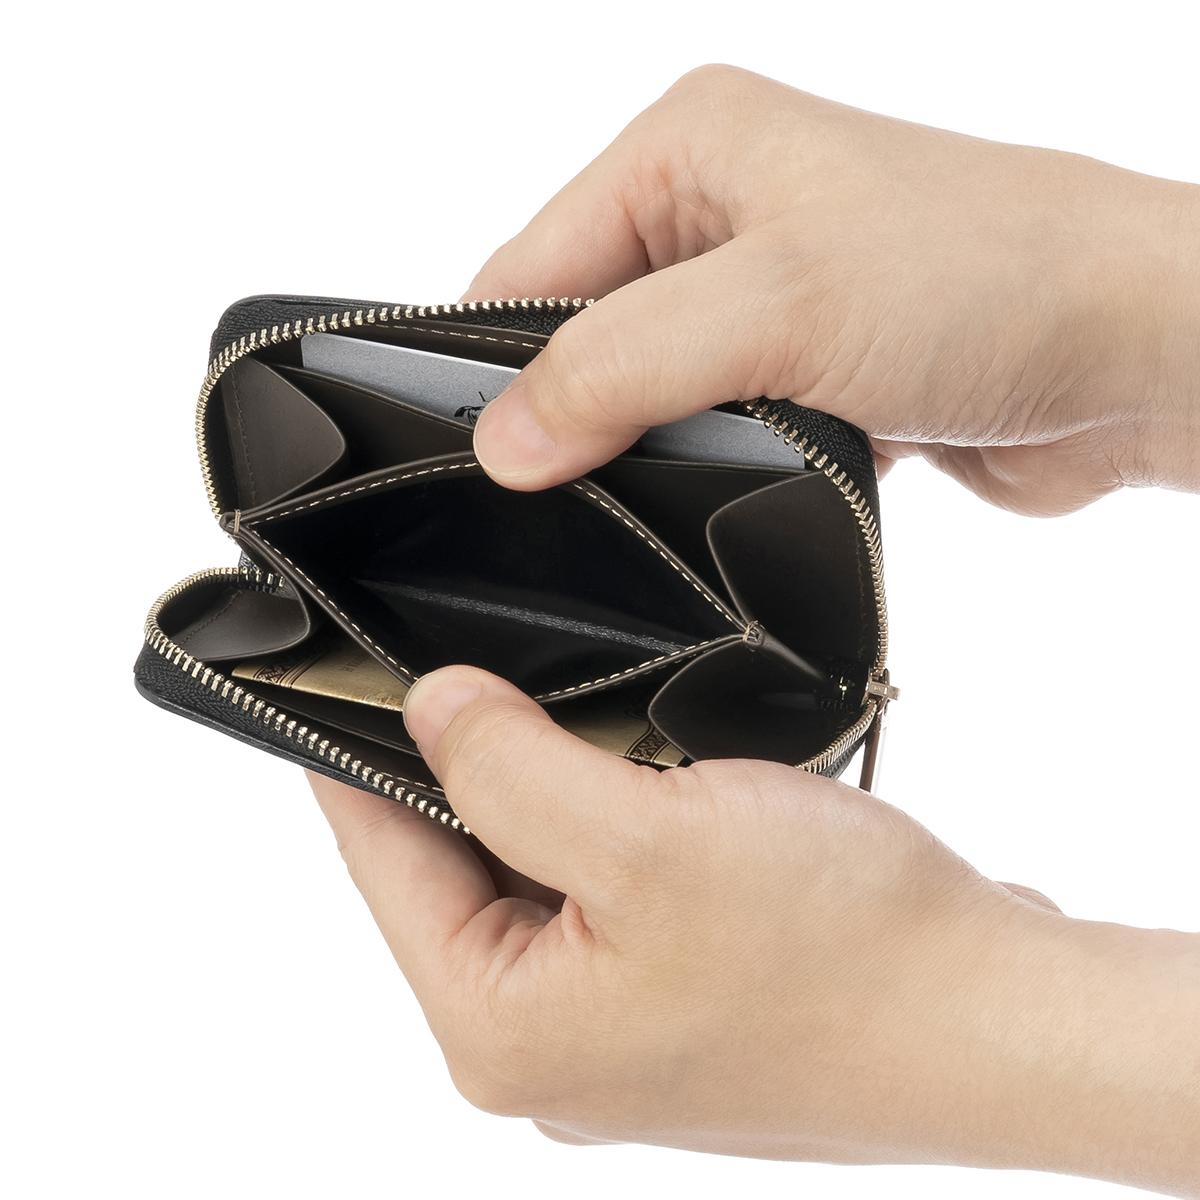 ポンテマットーネ・シレークスのコインポケット2